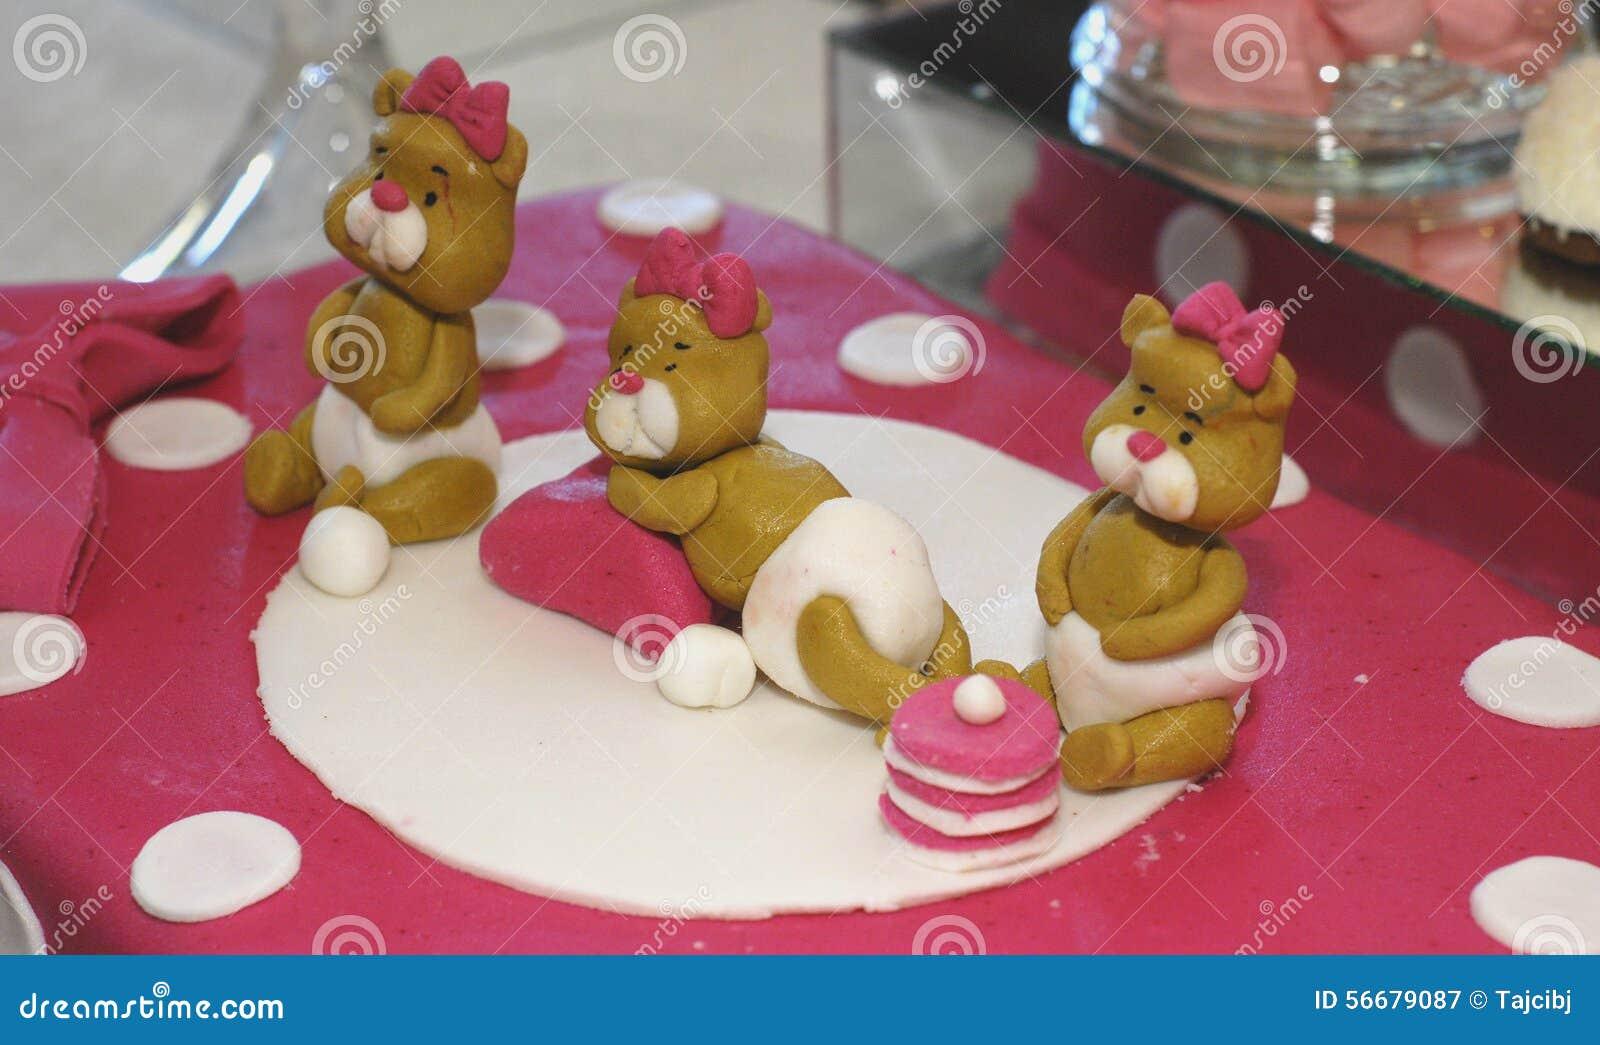 Cute Sweet Teddy Bears On A Birthday Cake